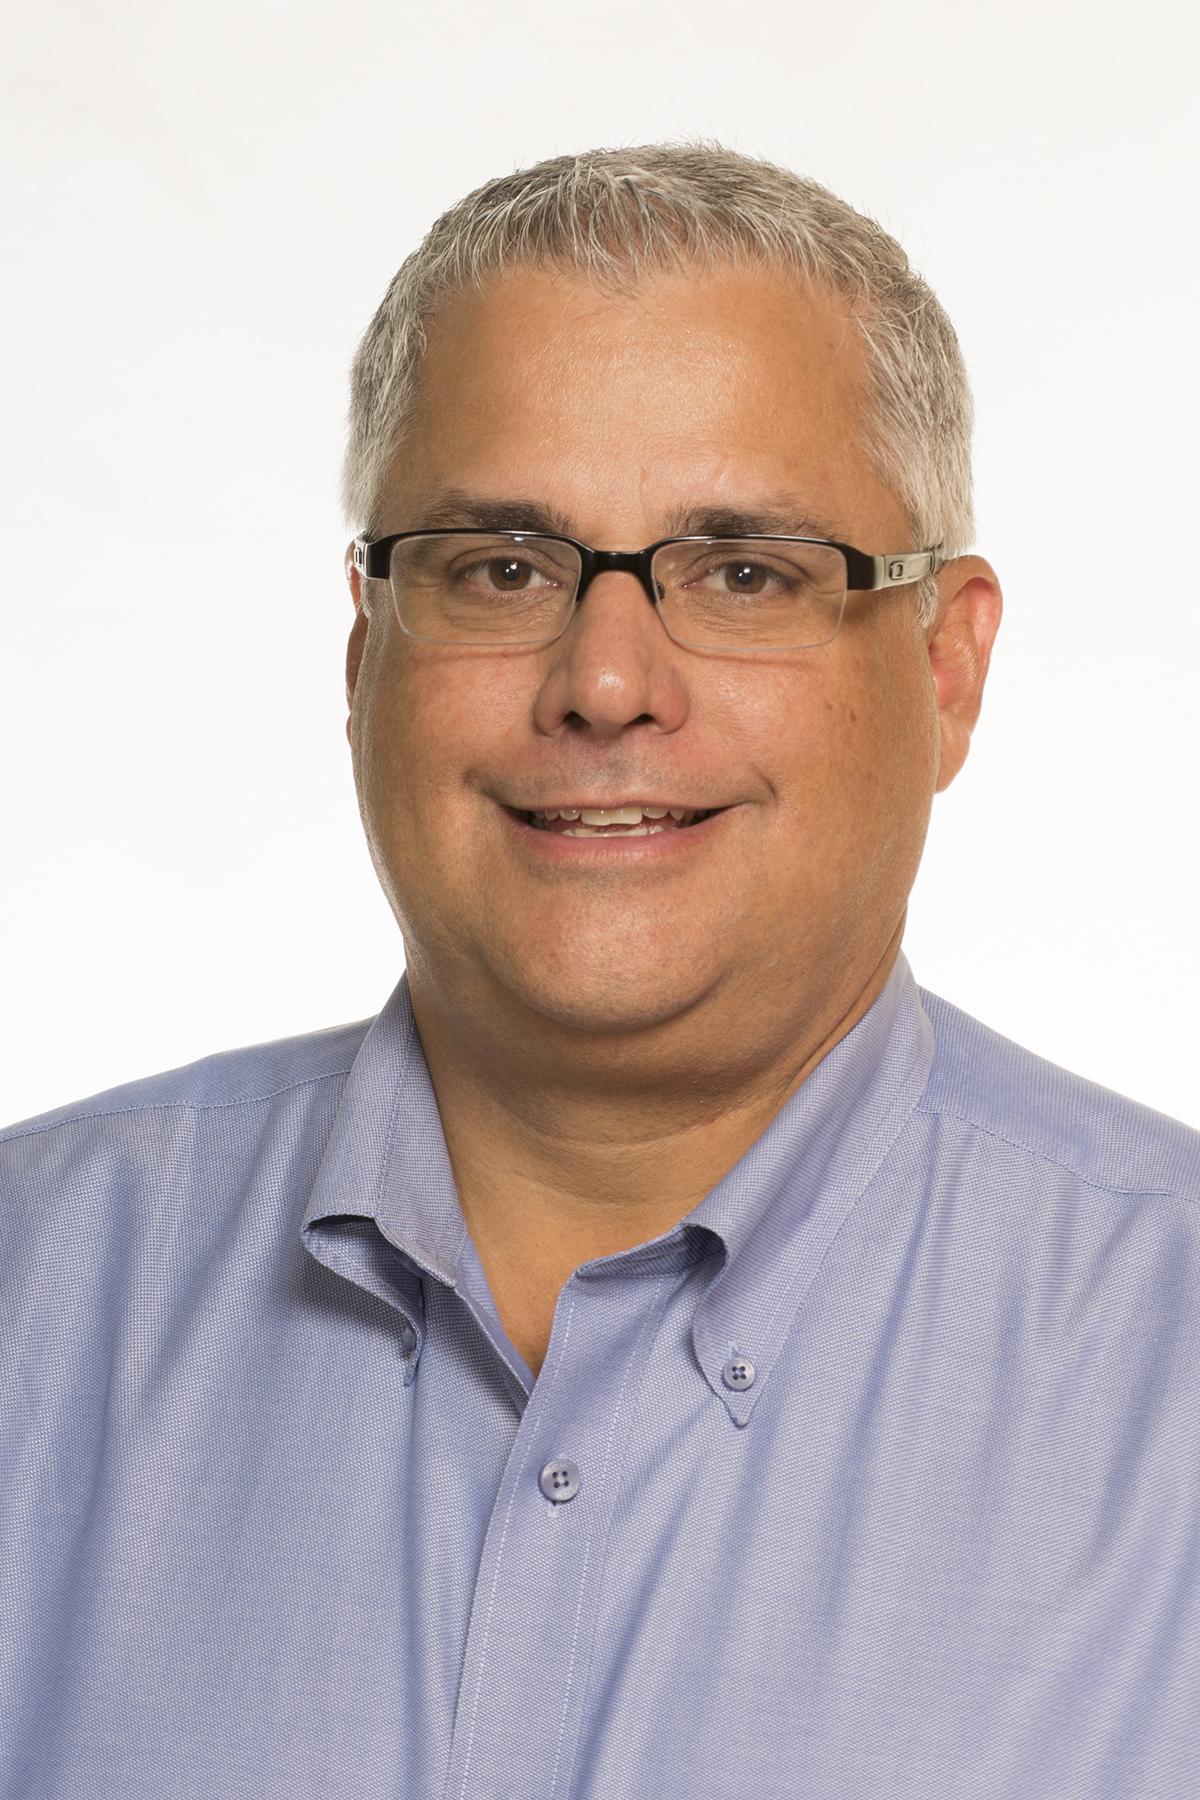 Brian Mumpy -Contractor Program Manager  Brian.Mumpy@jm.com